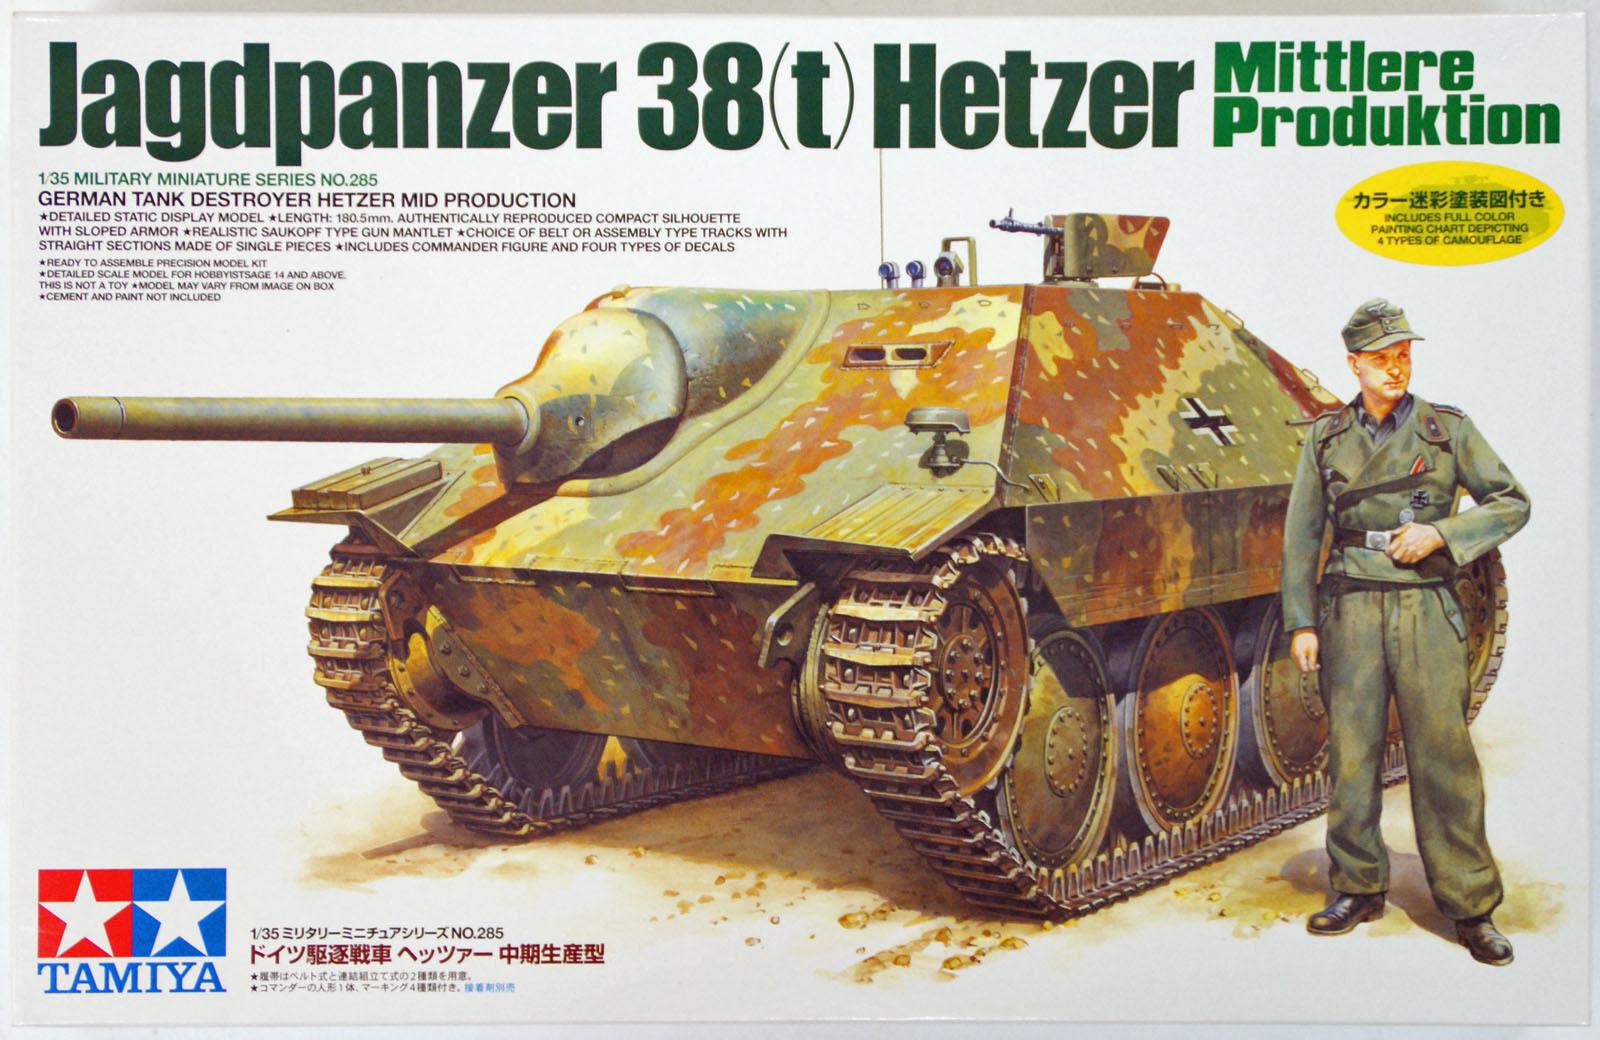 TAMIYA GERhomme JAGDPANZER 38 (t) HETZER Scala 1 35 cod.35285   moins cher